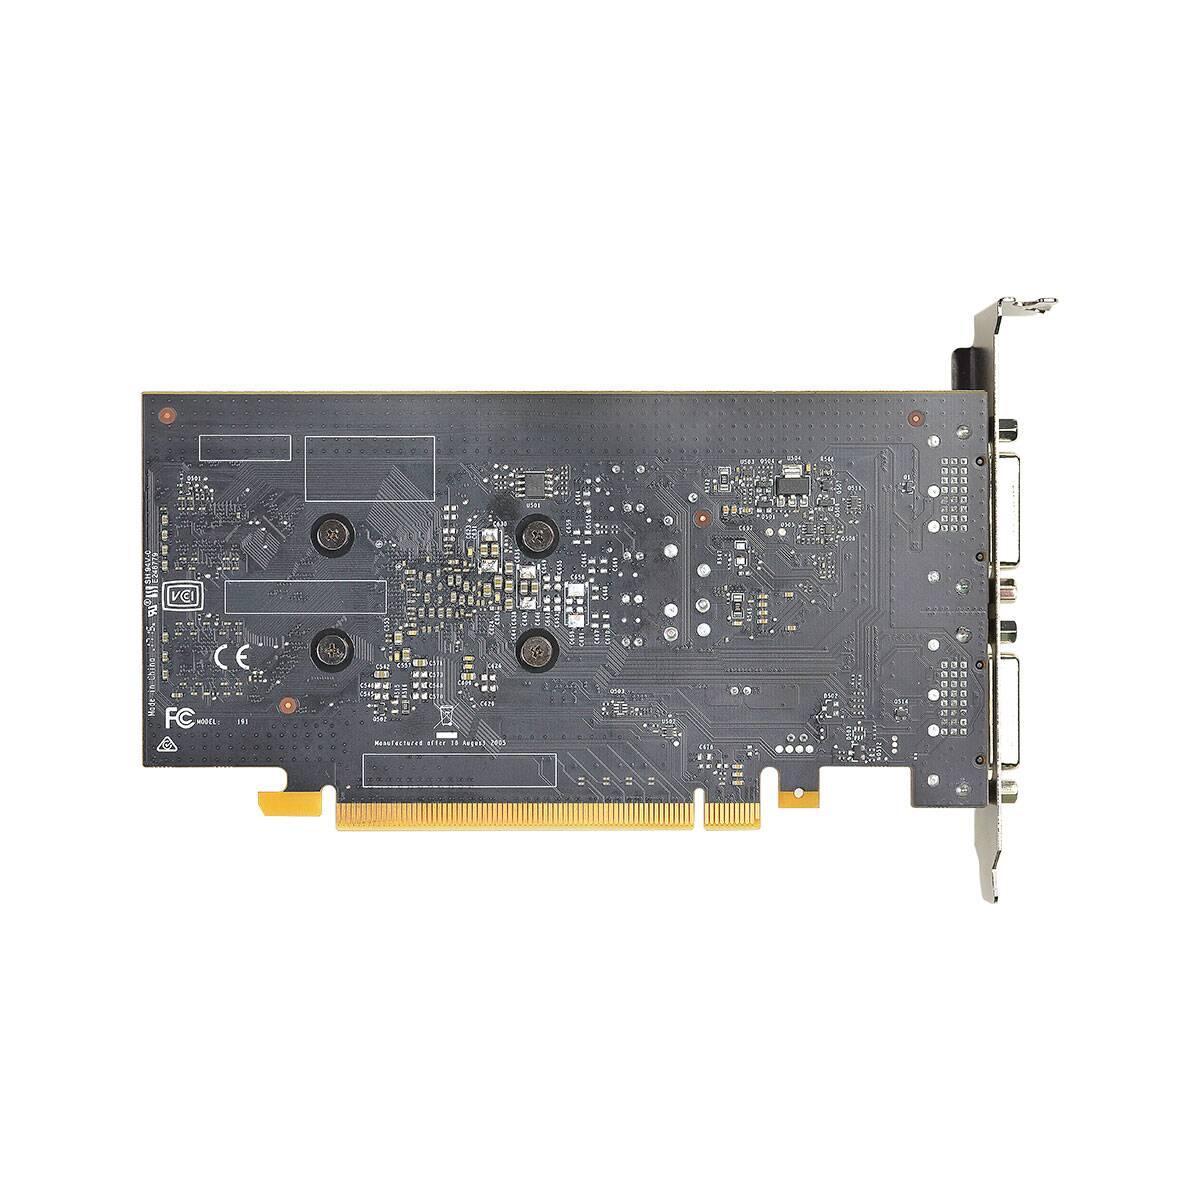 Видео карта EVGA GeForce GT 1030 SC 2GB, DDR5 64 bit  02G-P4-6338-KR